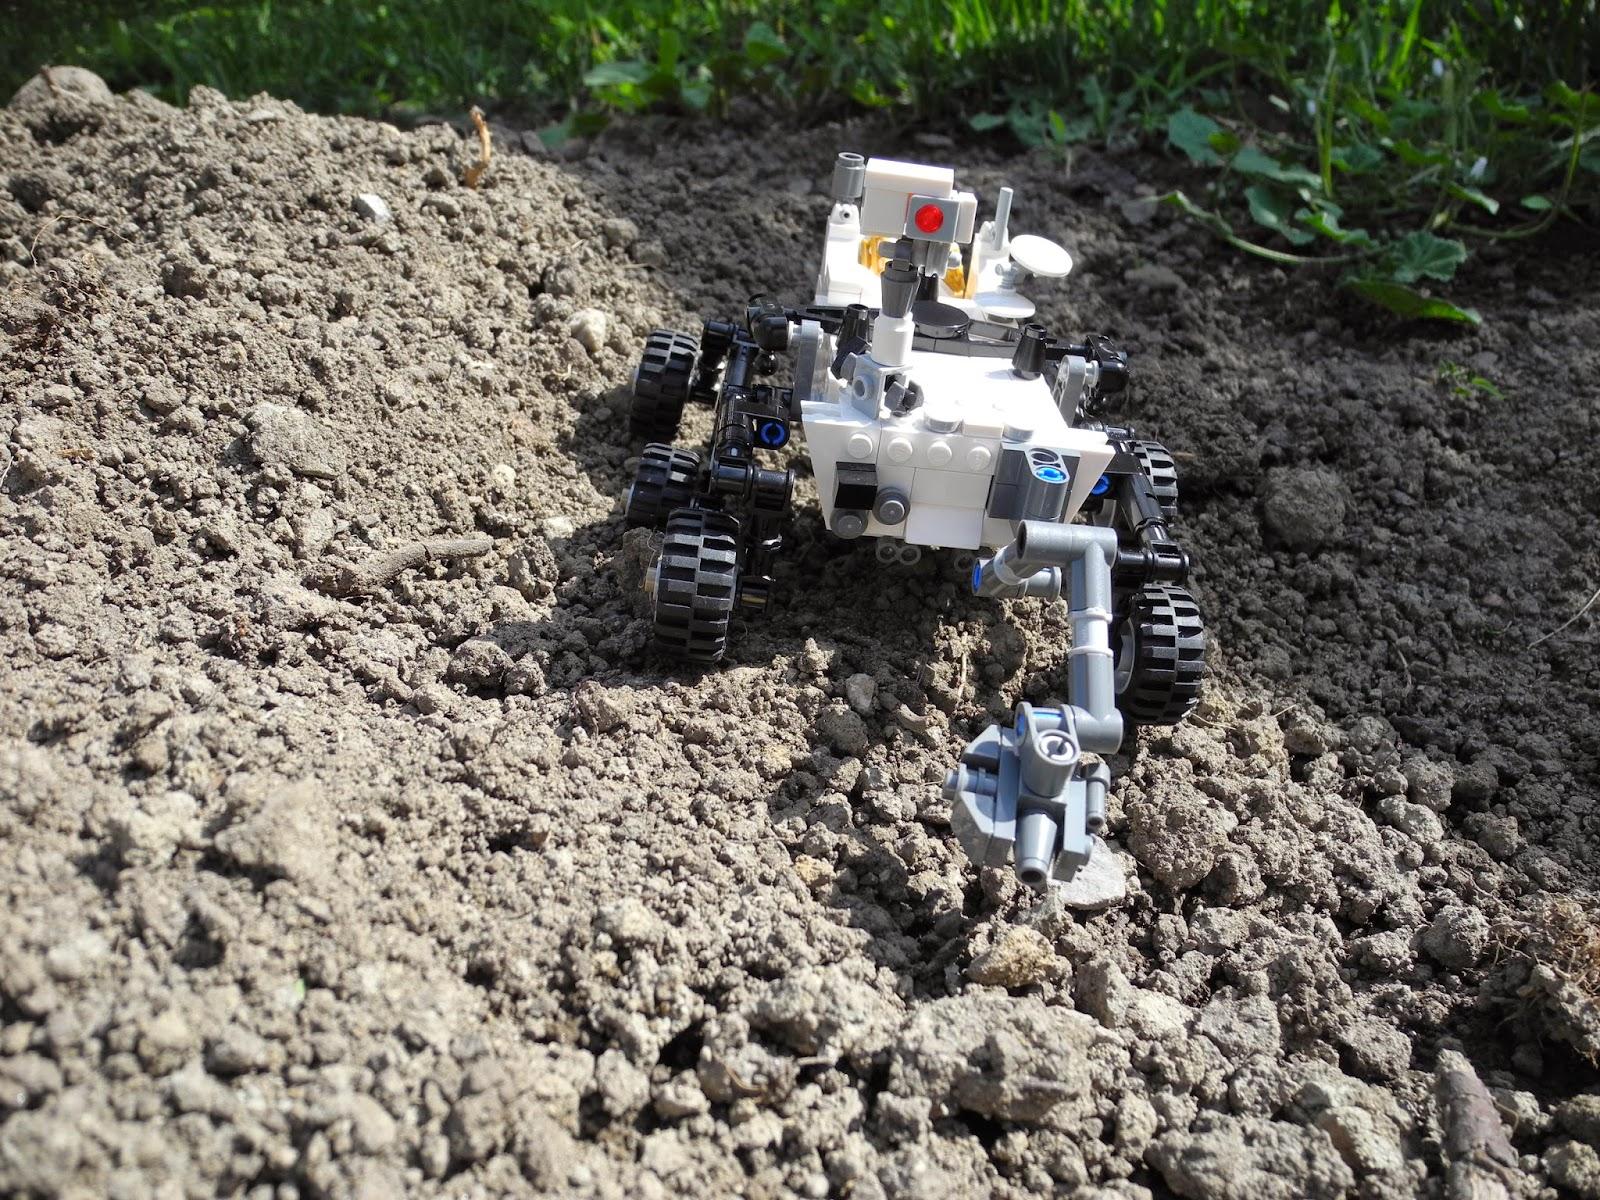 mars rover kit - photo #24